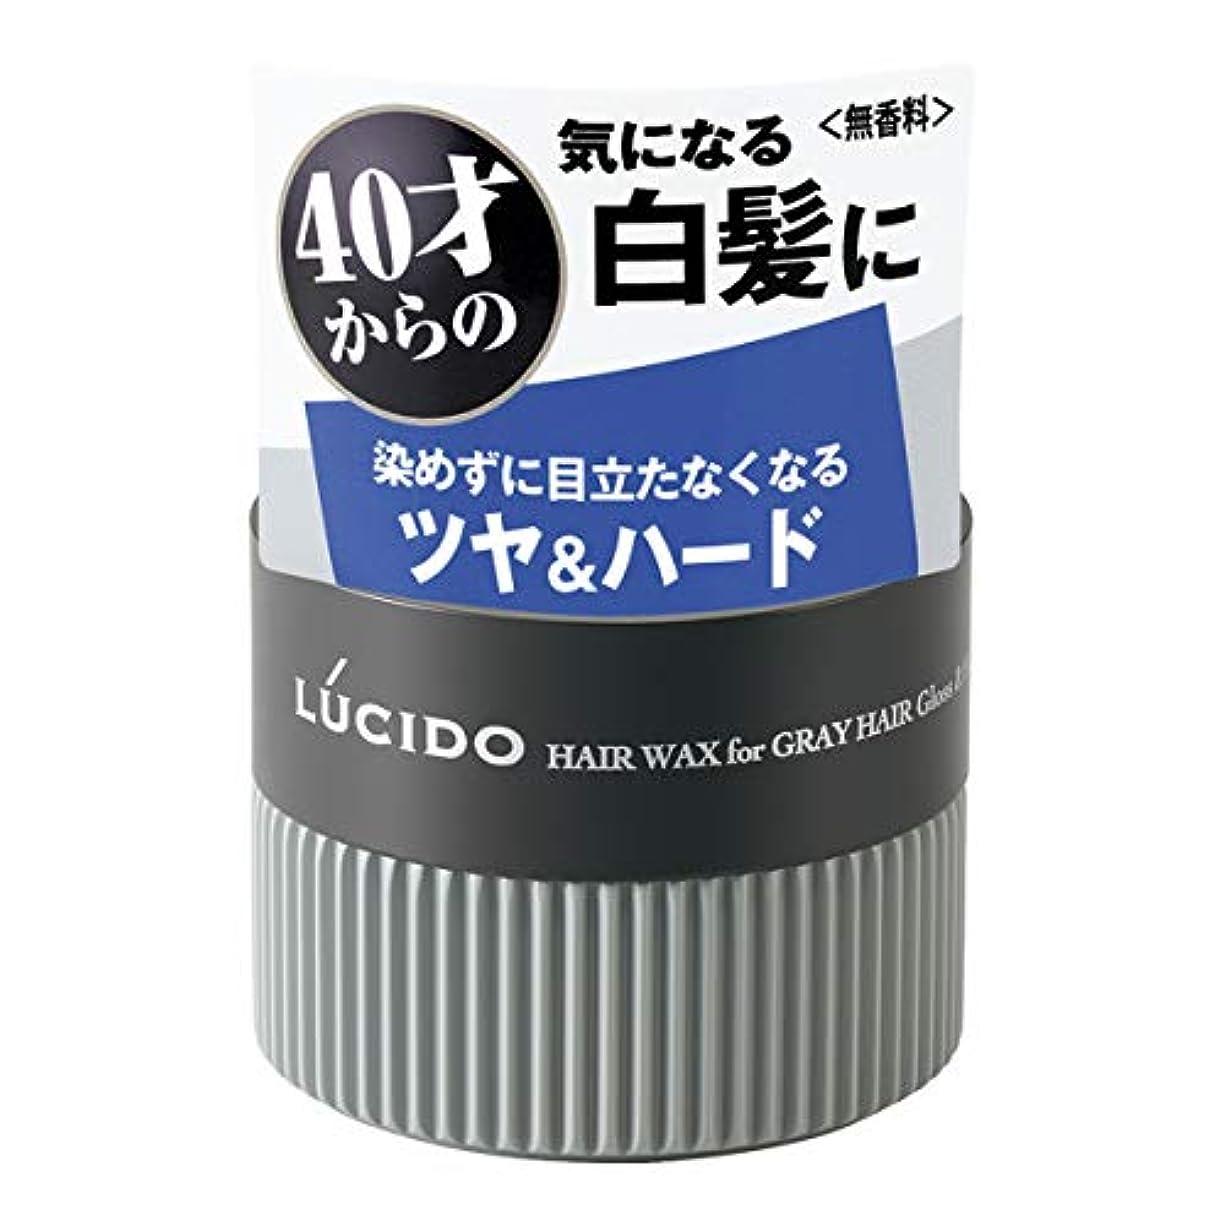 締め切り気楽なストレージLUCIDO(ルシード) ヘアワックス 白髪用ワックス グロス&ハード 80g